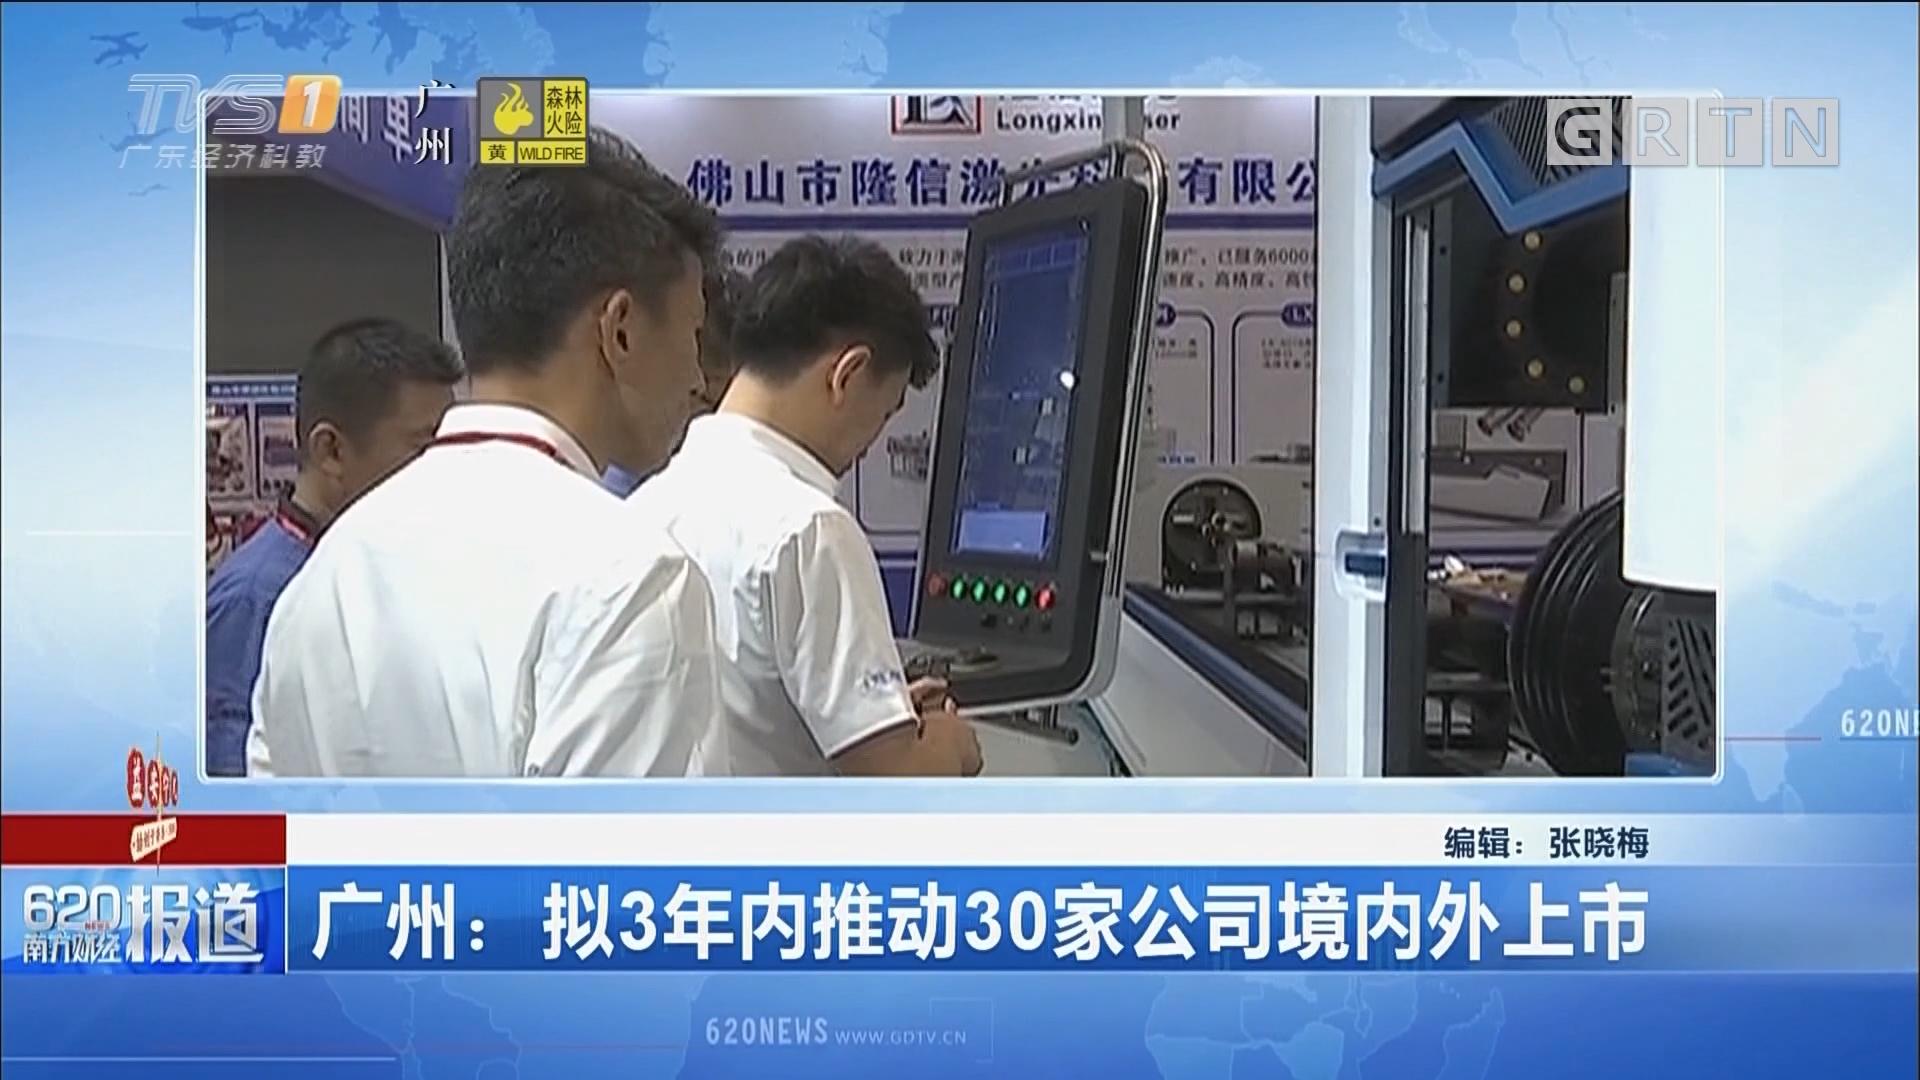 广州:拟3年内推动30家公司境内外上市